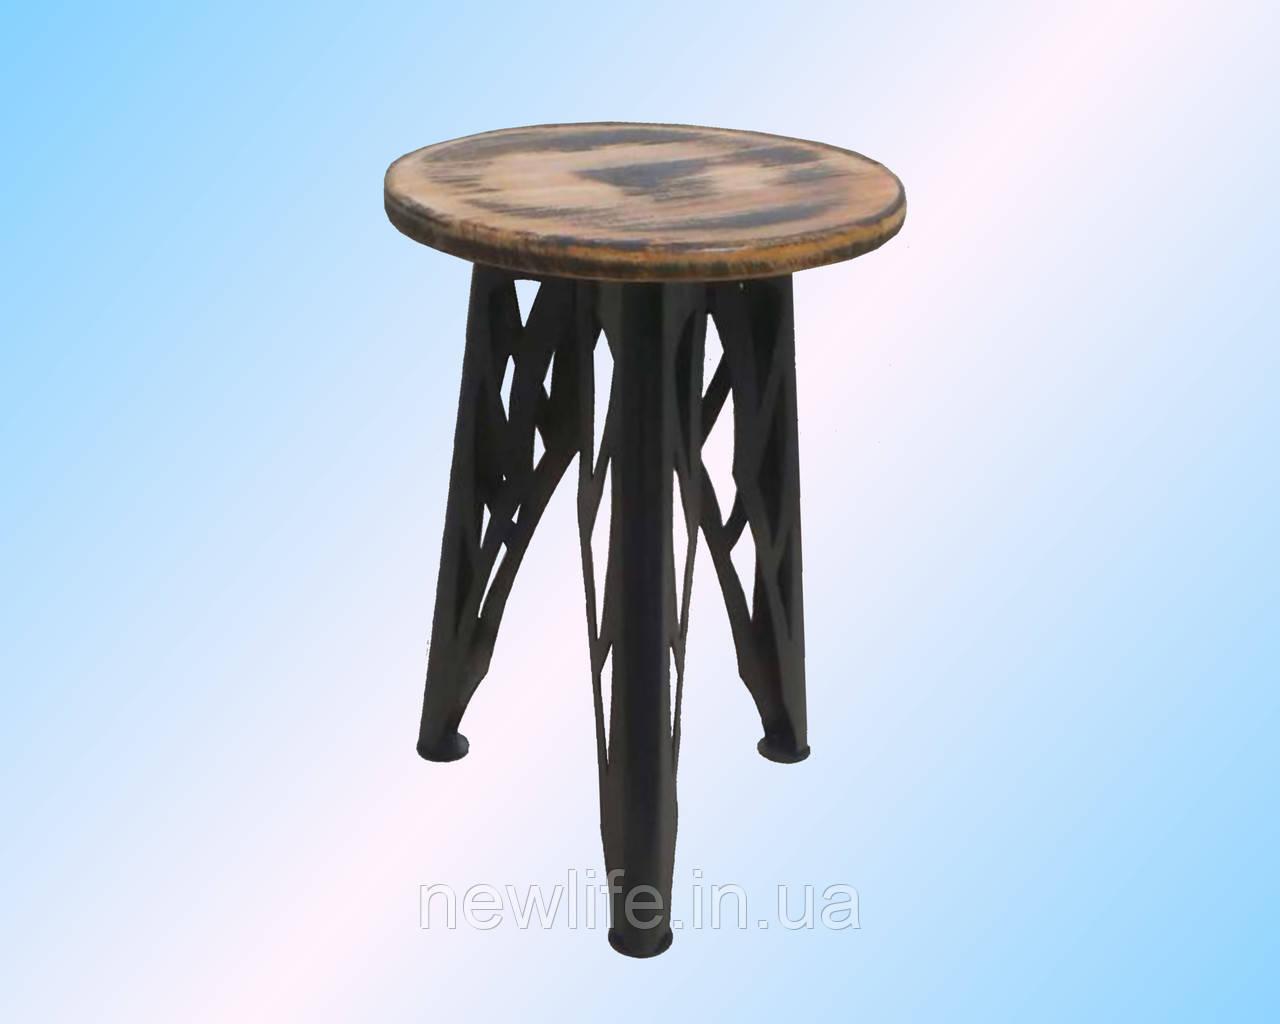 Мебель для бара и ресторана на заказ